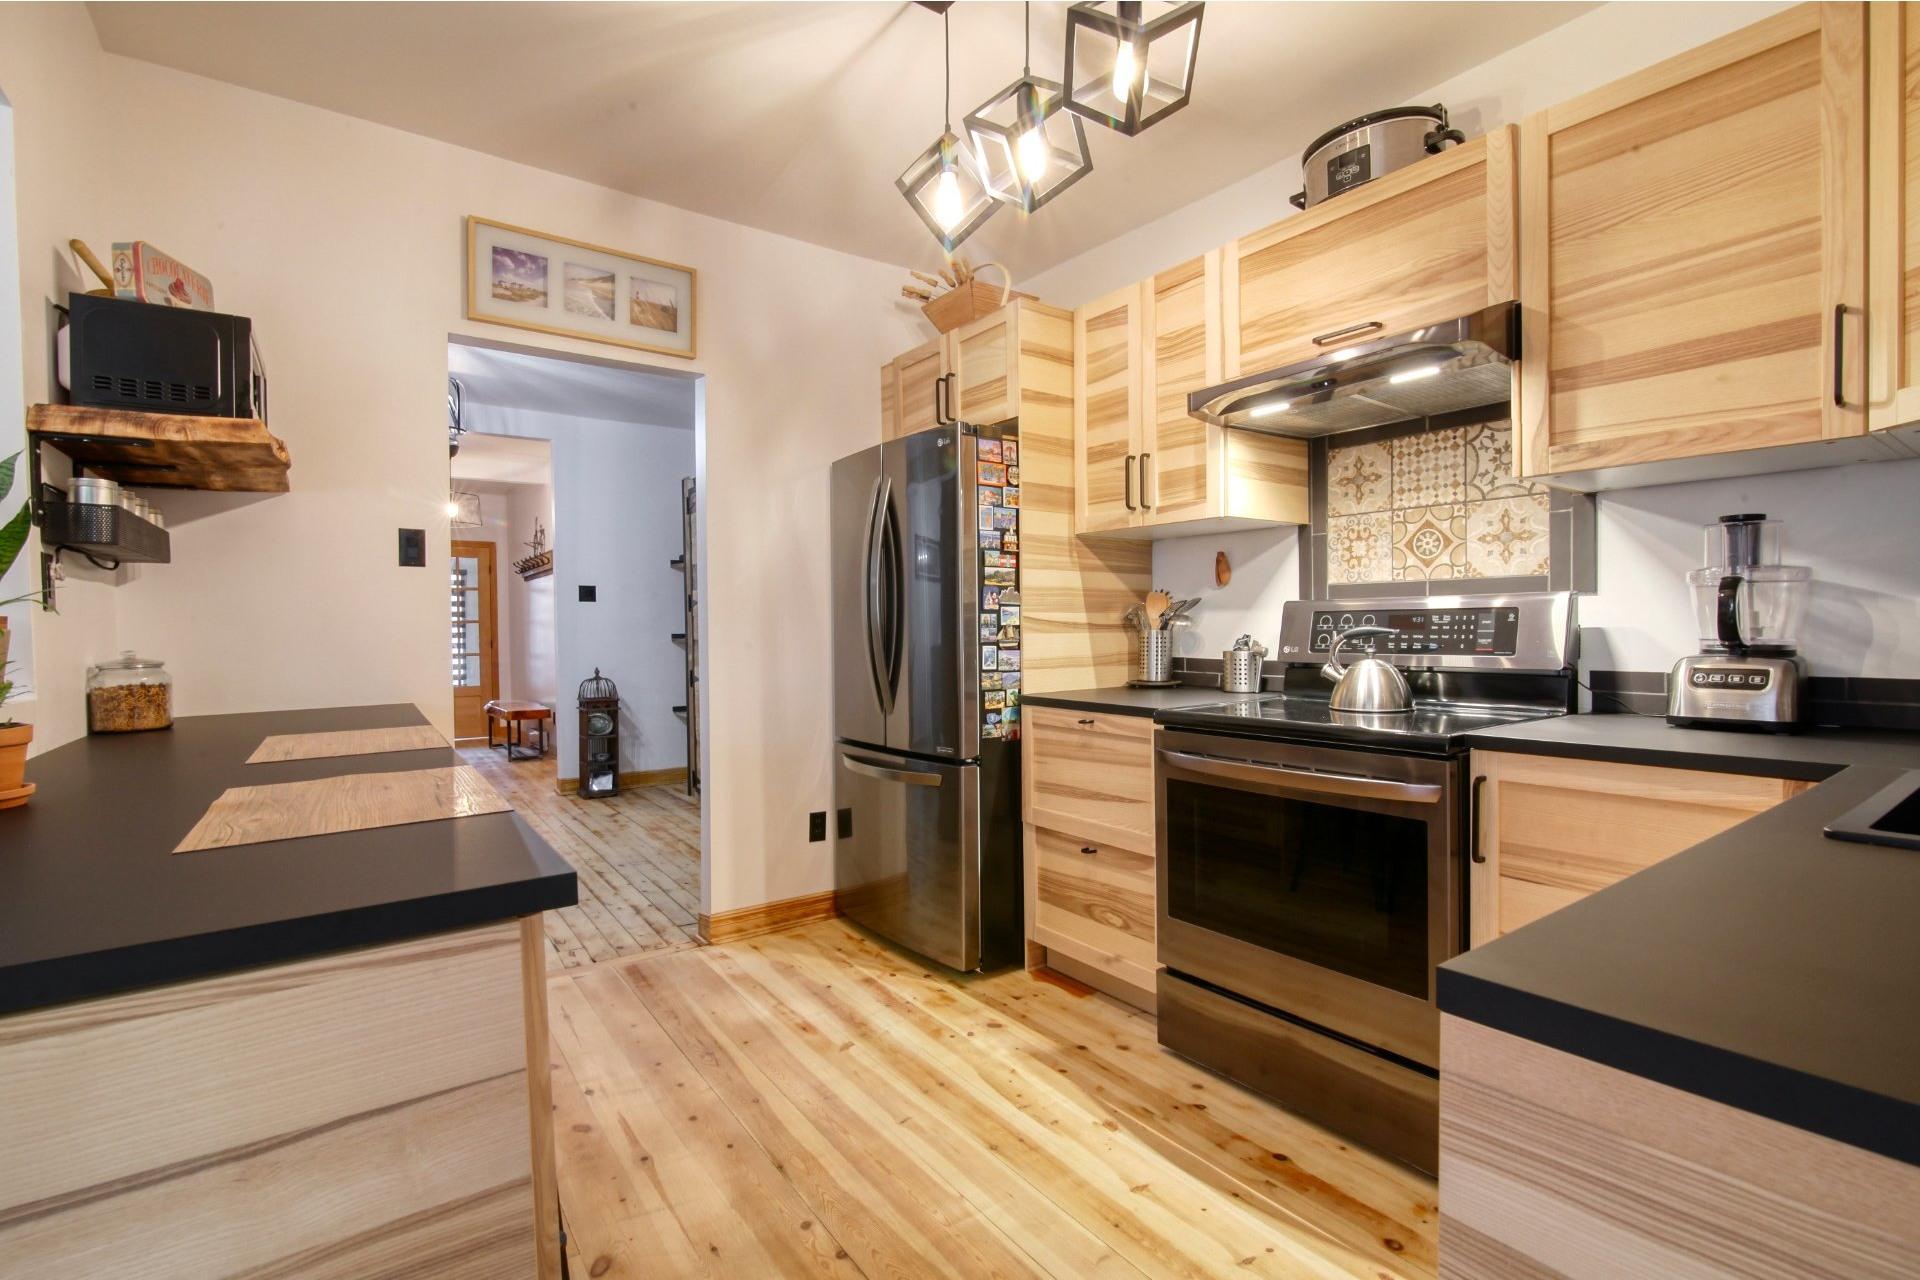 image 18 - Duplex For sale Verdun/Île-des-Soeurs Montréal  - 6 rooms